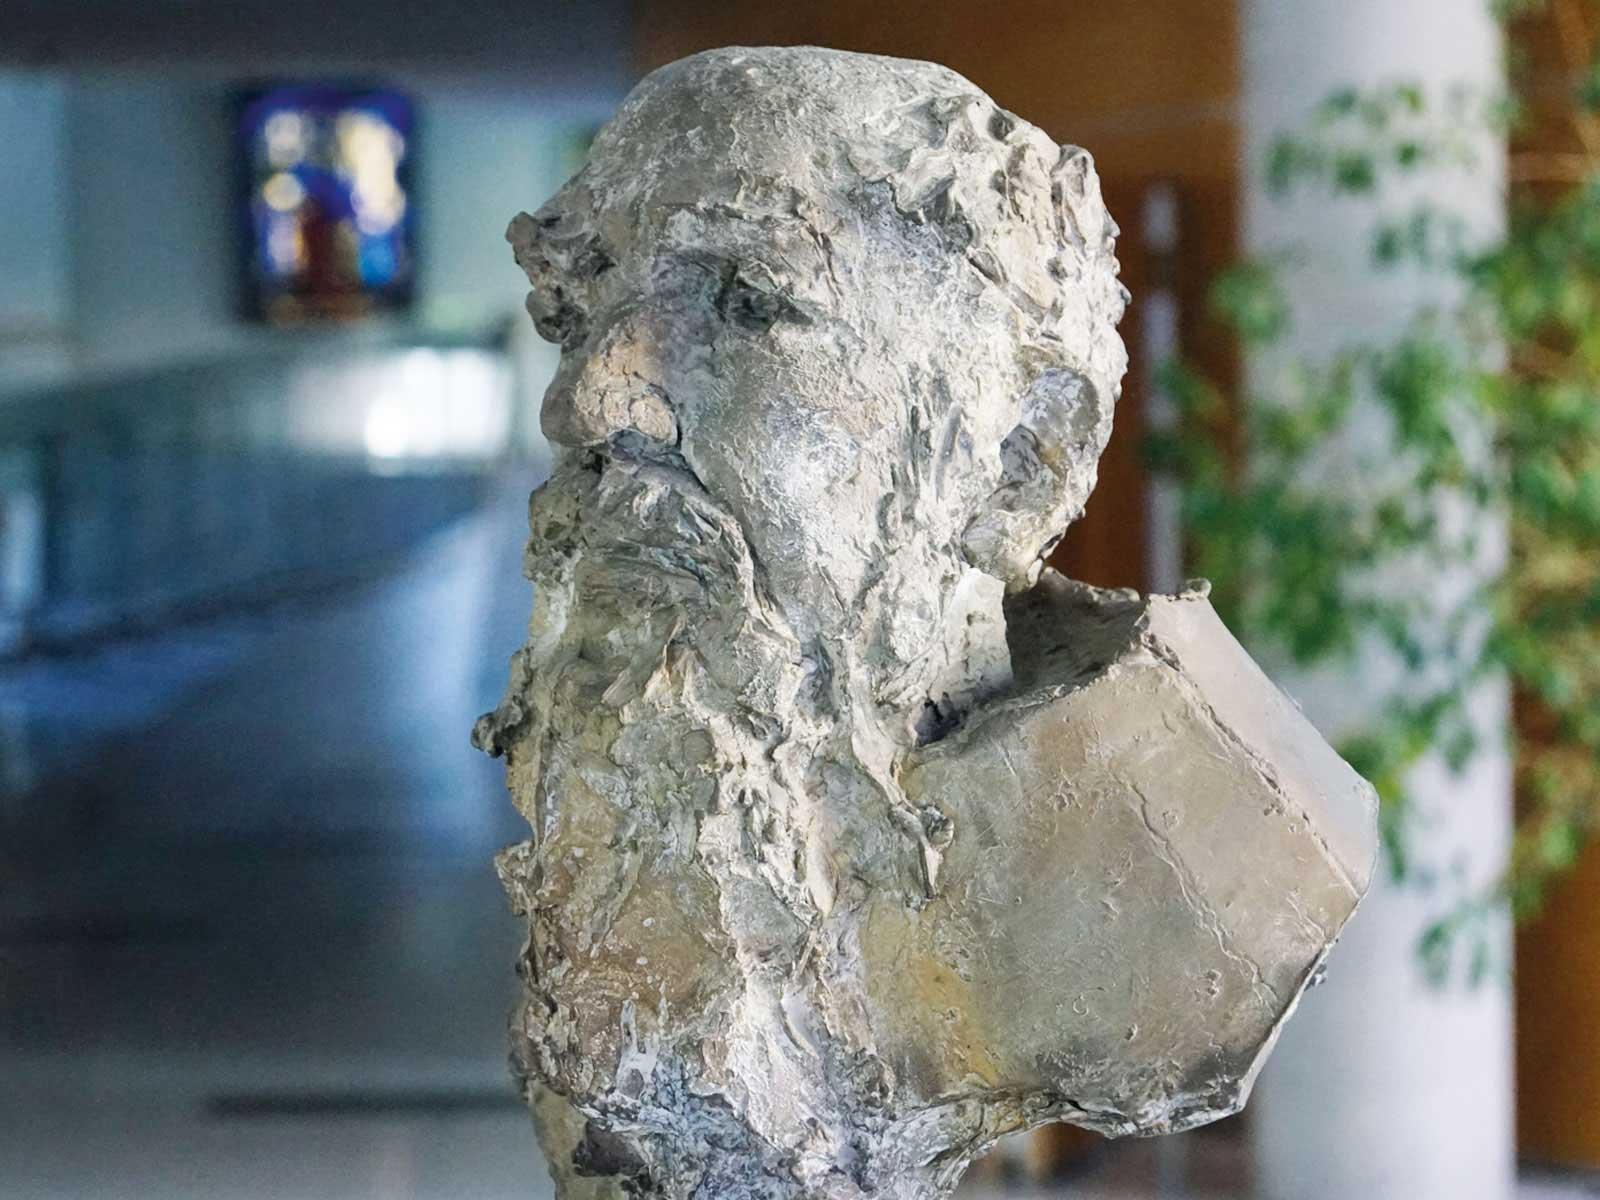 Seniorenzentrum-Bruder-Konrad-Stift-Statue-1